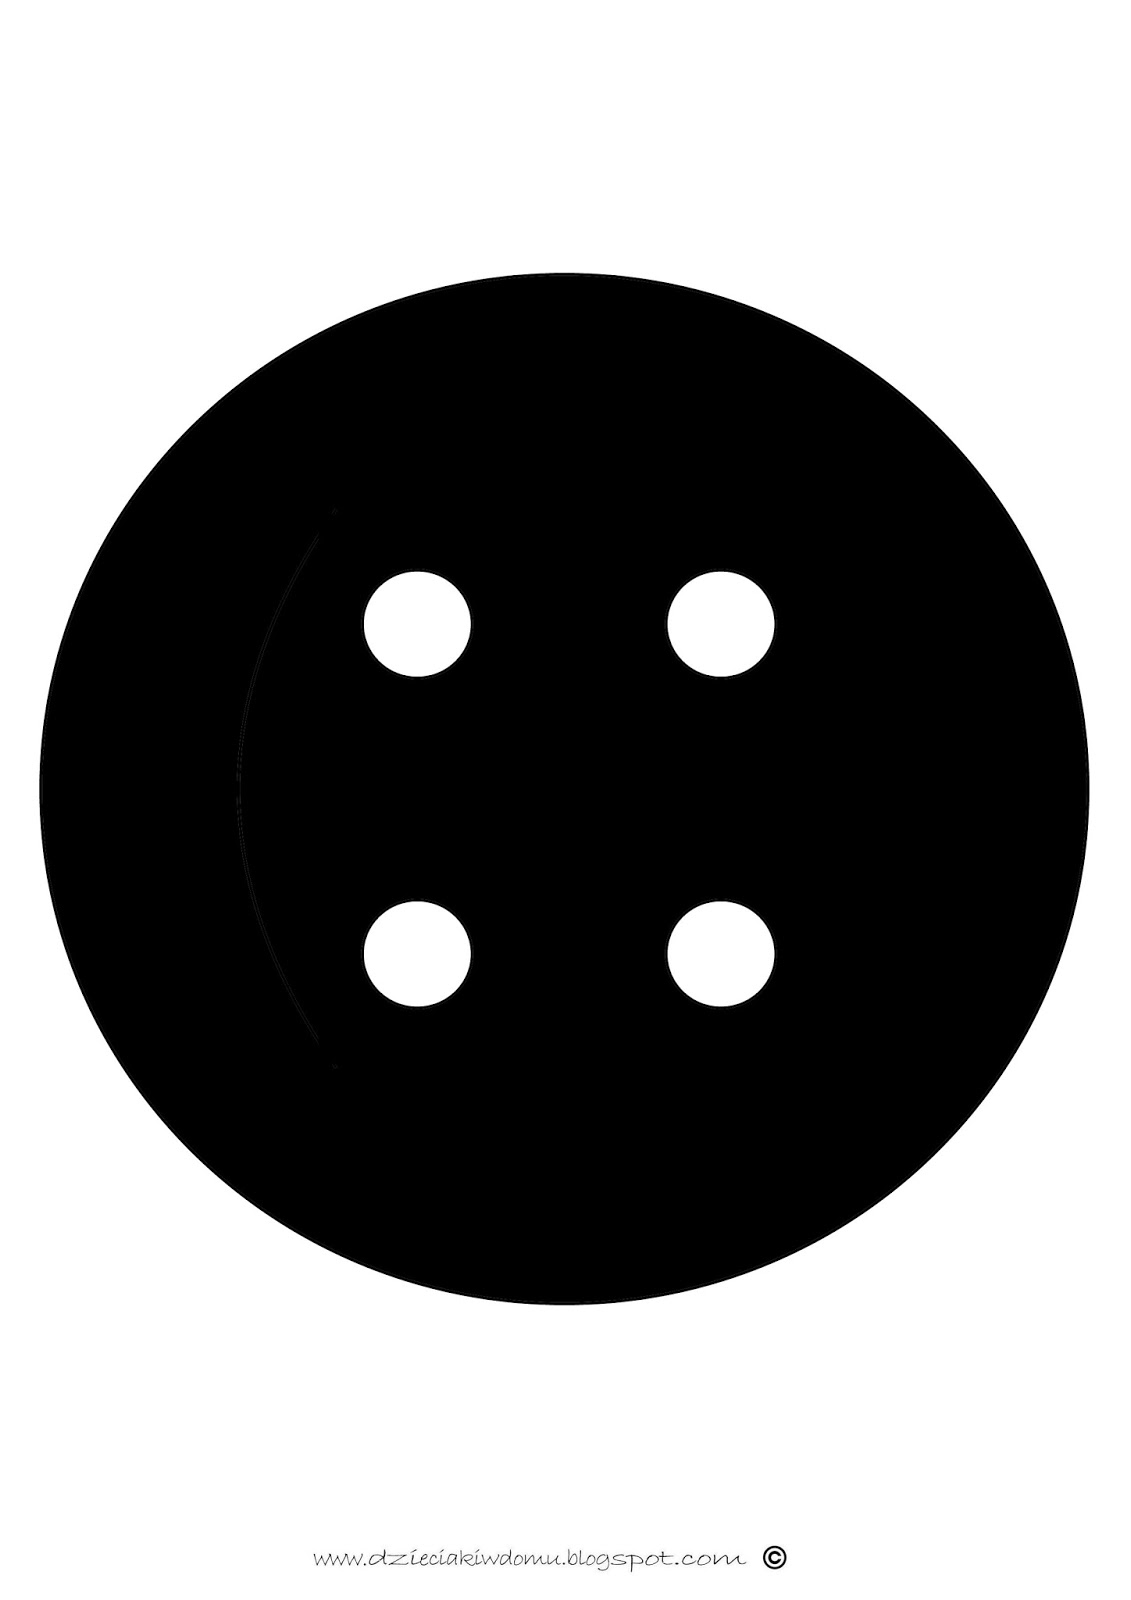 czarno białe szablony dla noworodka